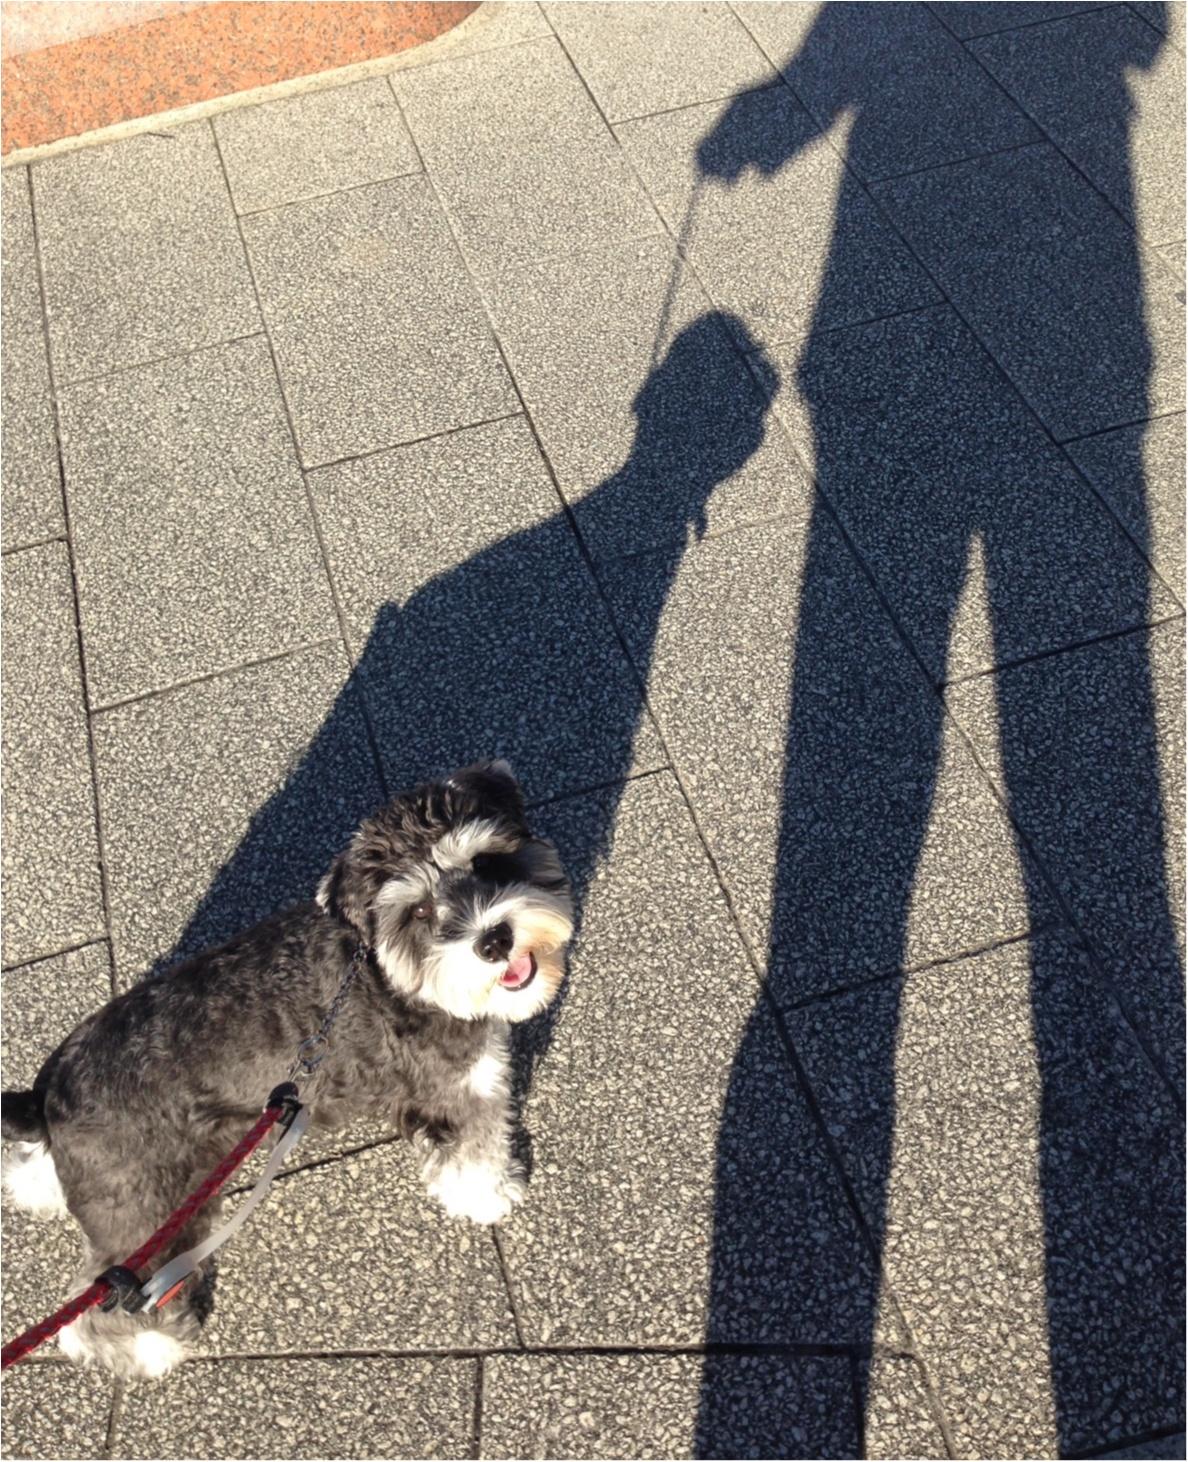 【今日のわんこ】お散歩中のサクラちゃんは、長い影が気になる!_1